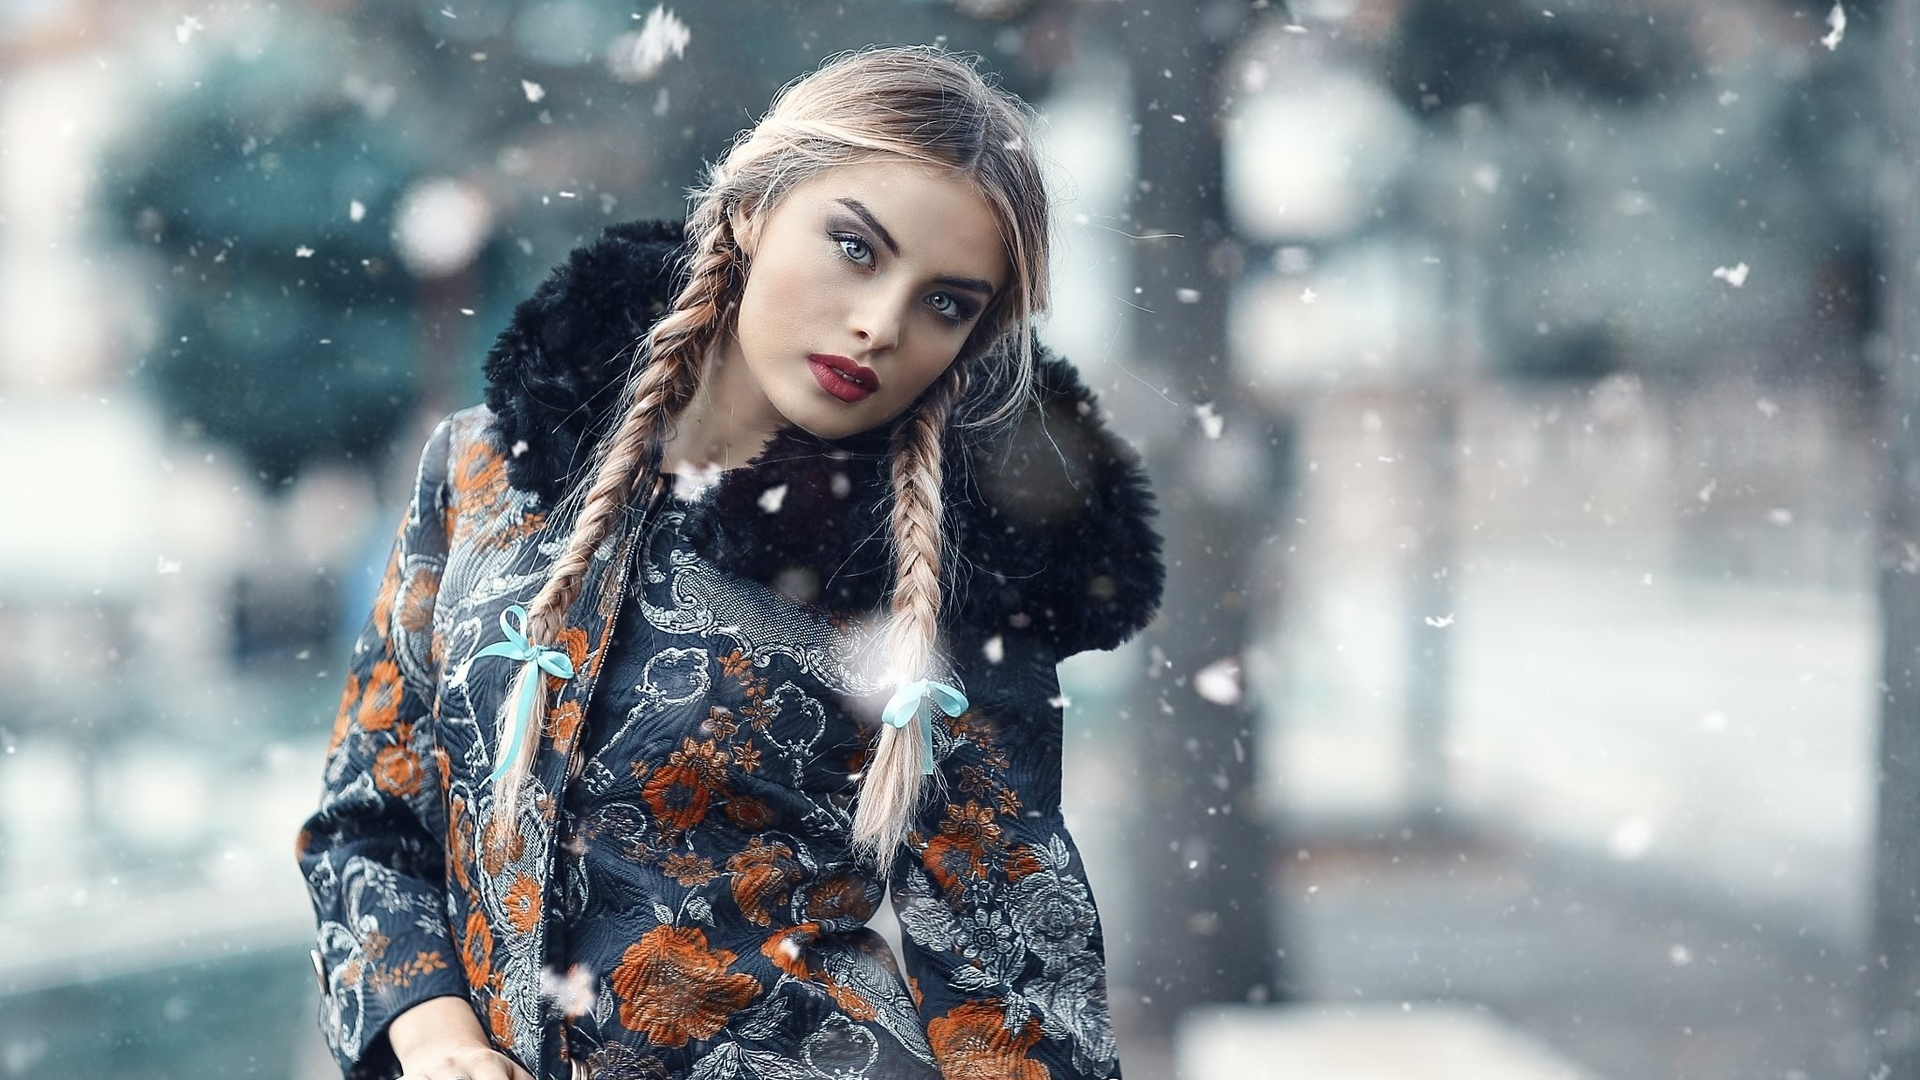 Красивые девушки фото в одежде на снегу, трахнул подругу друга на свадьбе видео онлайн